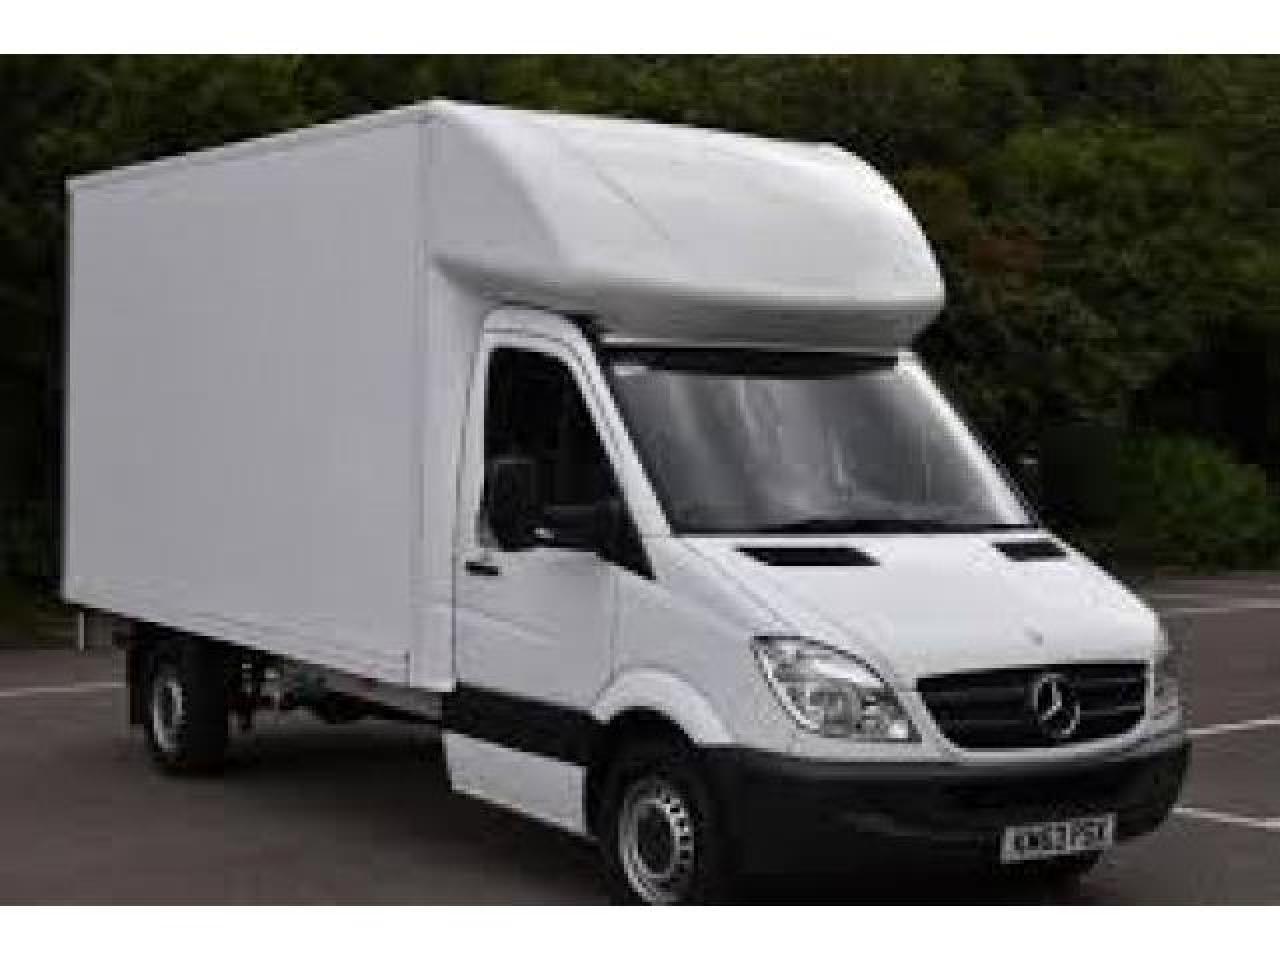 Перевозки и переезды,Luton Mercedes Sprinter, London, UK, EU - 1